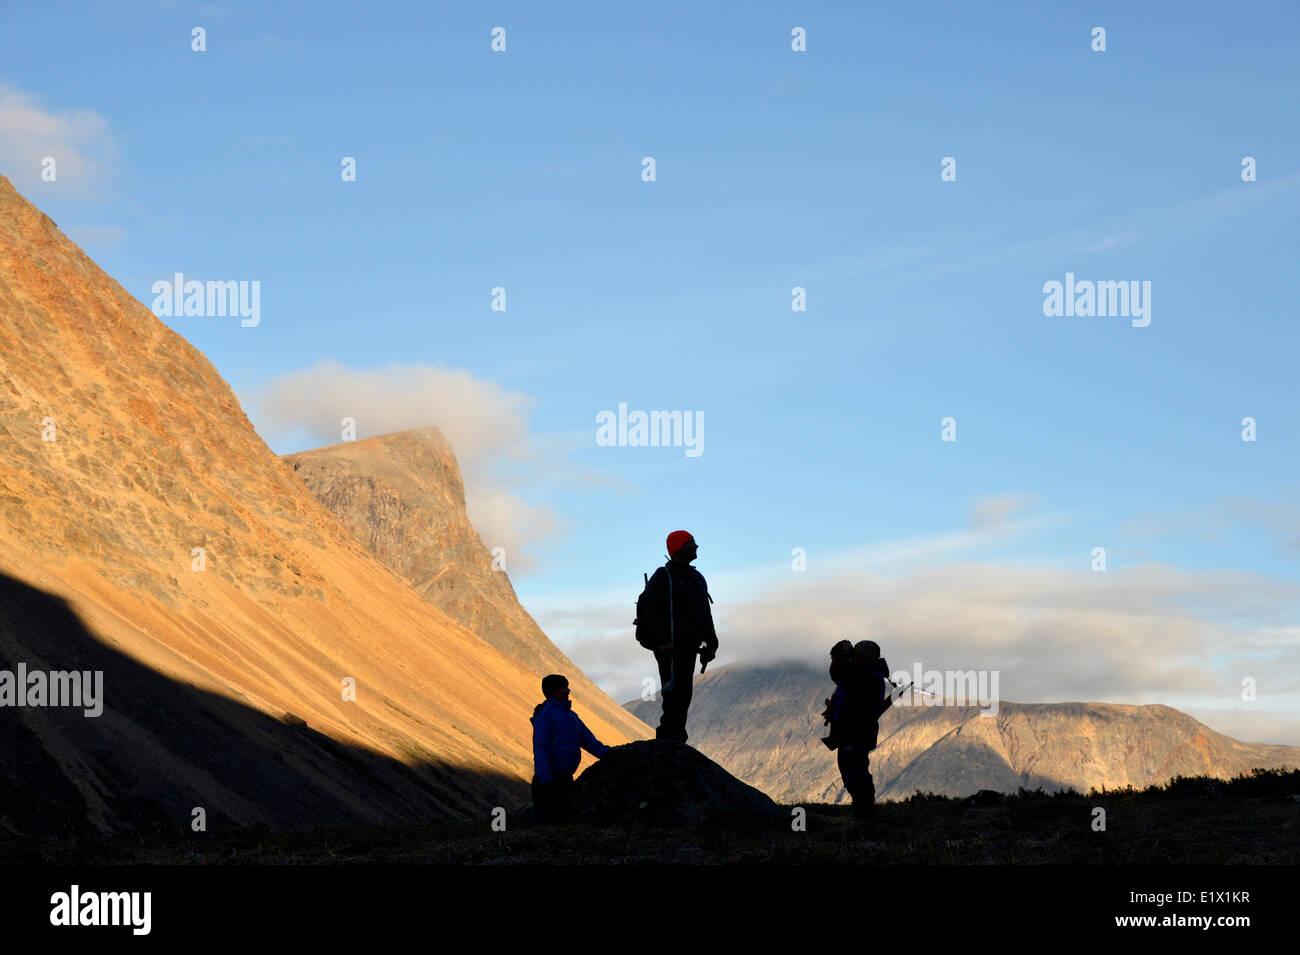 Las siluetas de los excursionistas en el nachvak fjord, Terranova y Labrador, Canadá Imagen De Stock